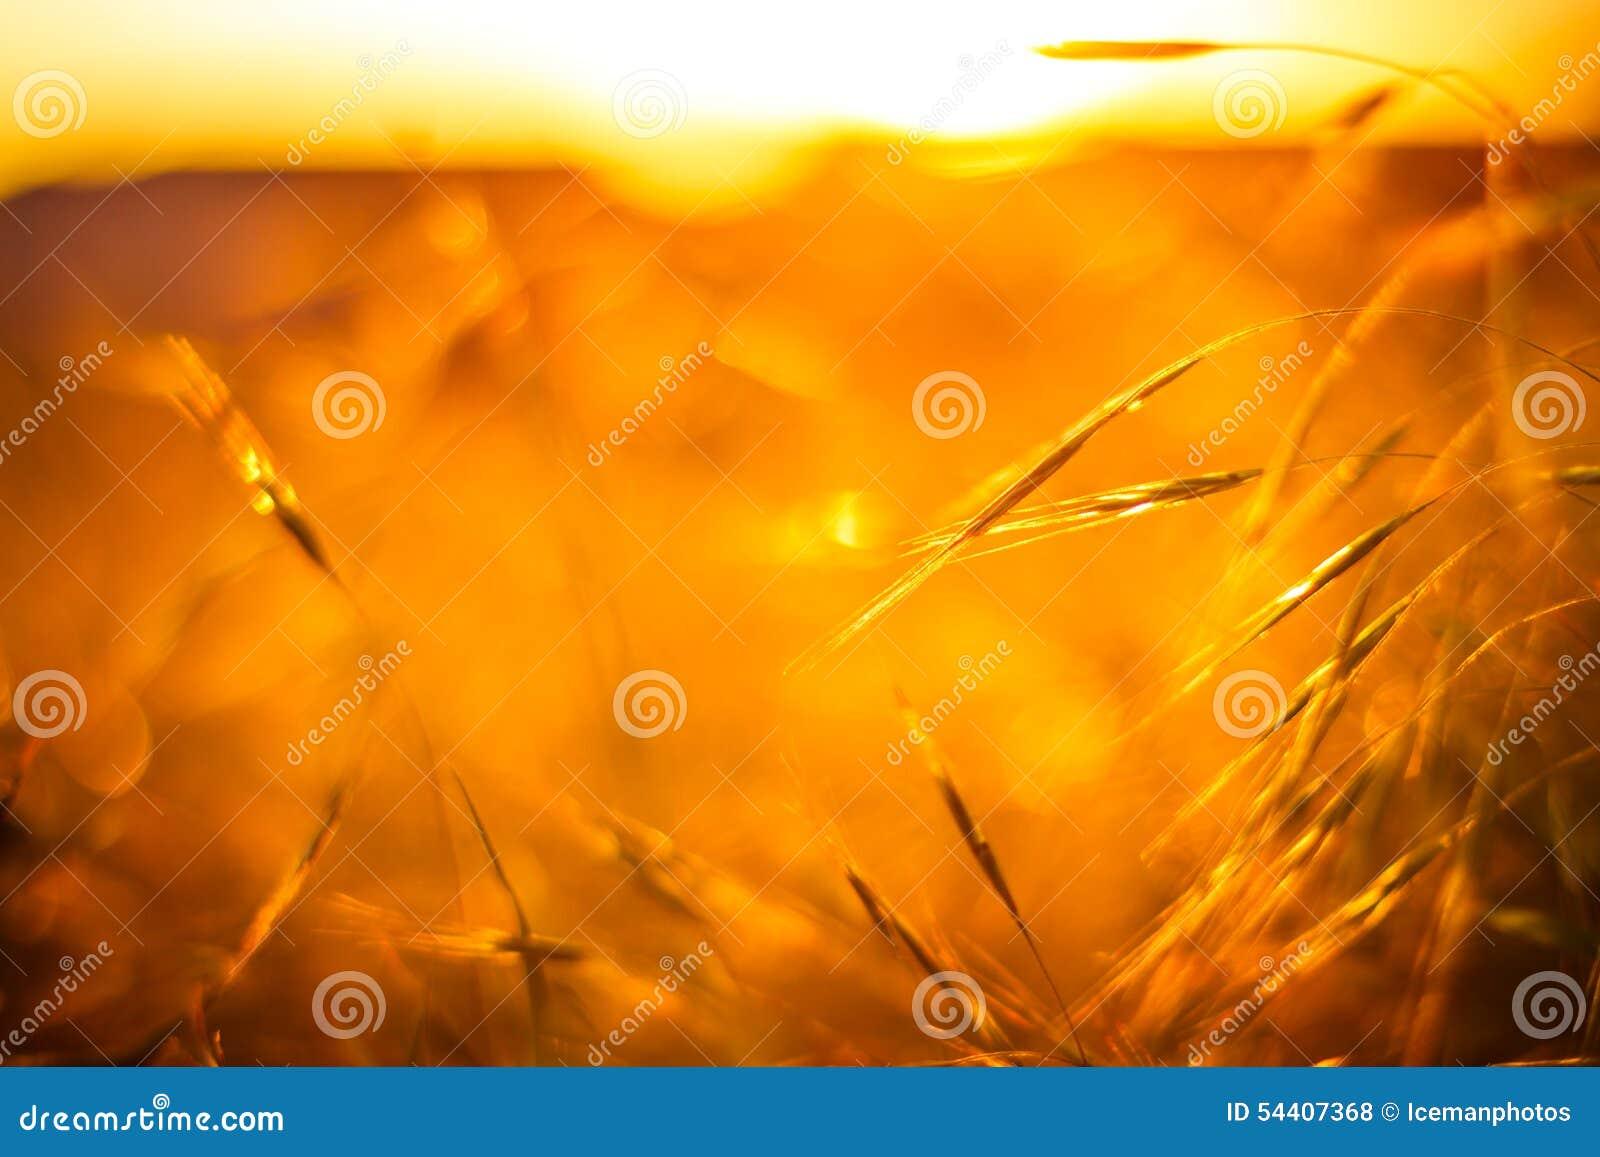 Χρυσός τομέας χλόης κάτω από τη μαλακή ηλιοφάνεια